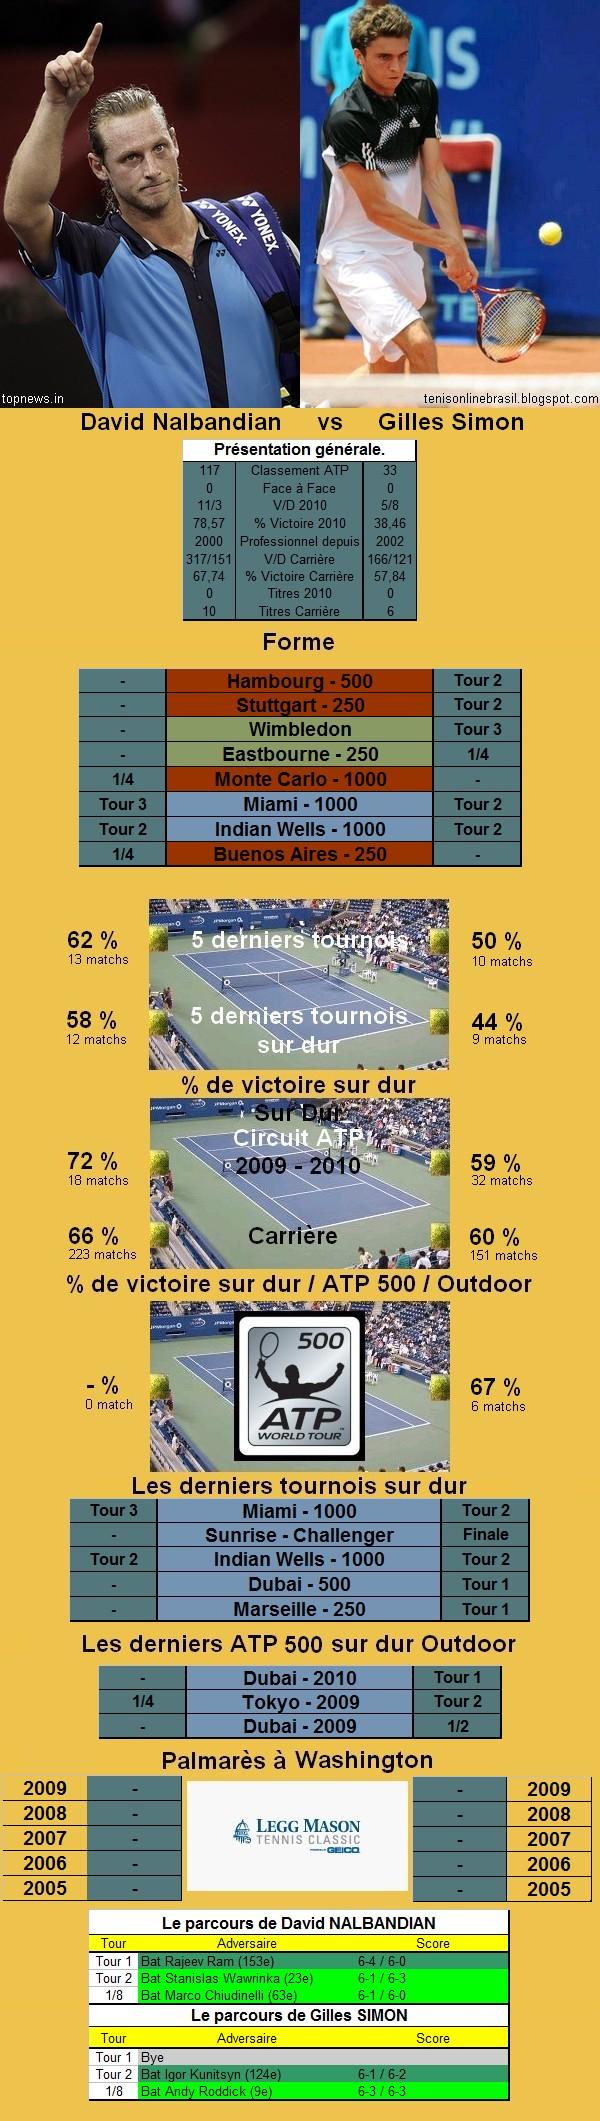 Statistiques tennis de Nalbandian contre Simon à Washington